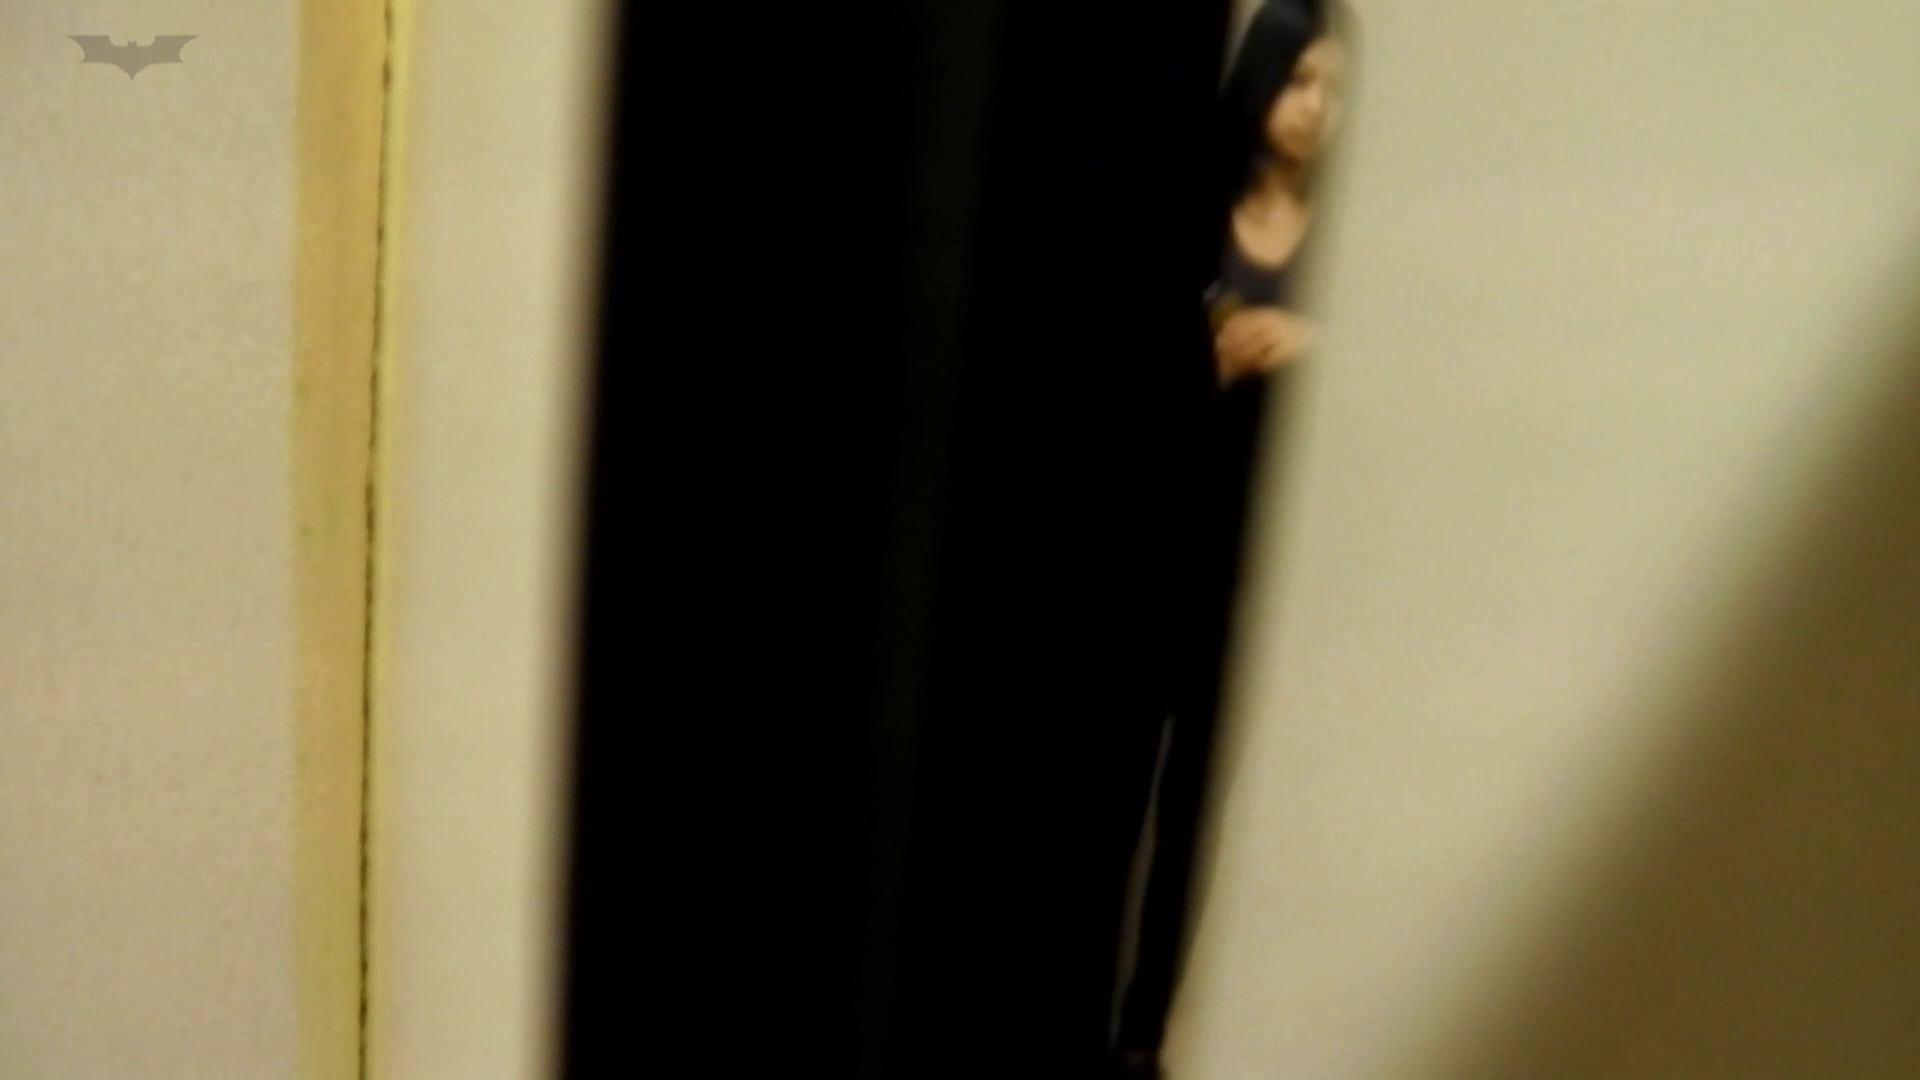 新世界の射窓 No73 185cm!スニーカーでも頭がでちゃうモデル特集 丸見え おまんこ無修正動画無料 77枚 32